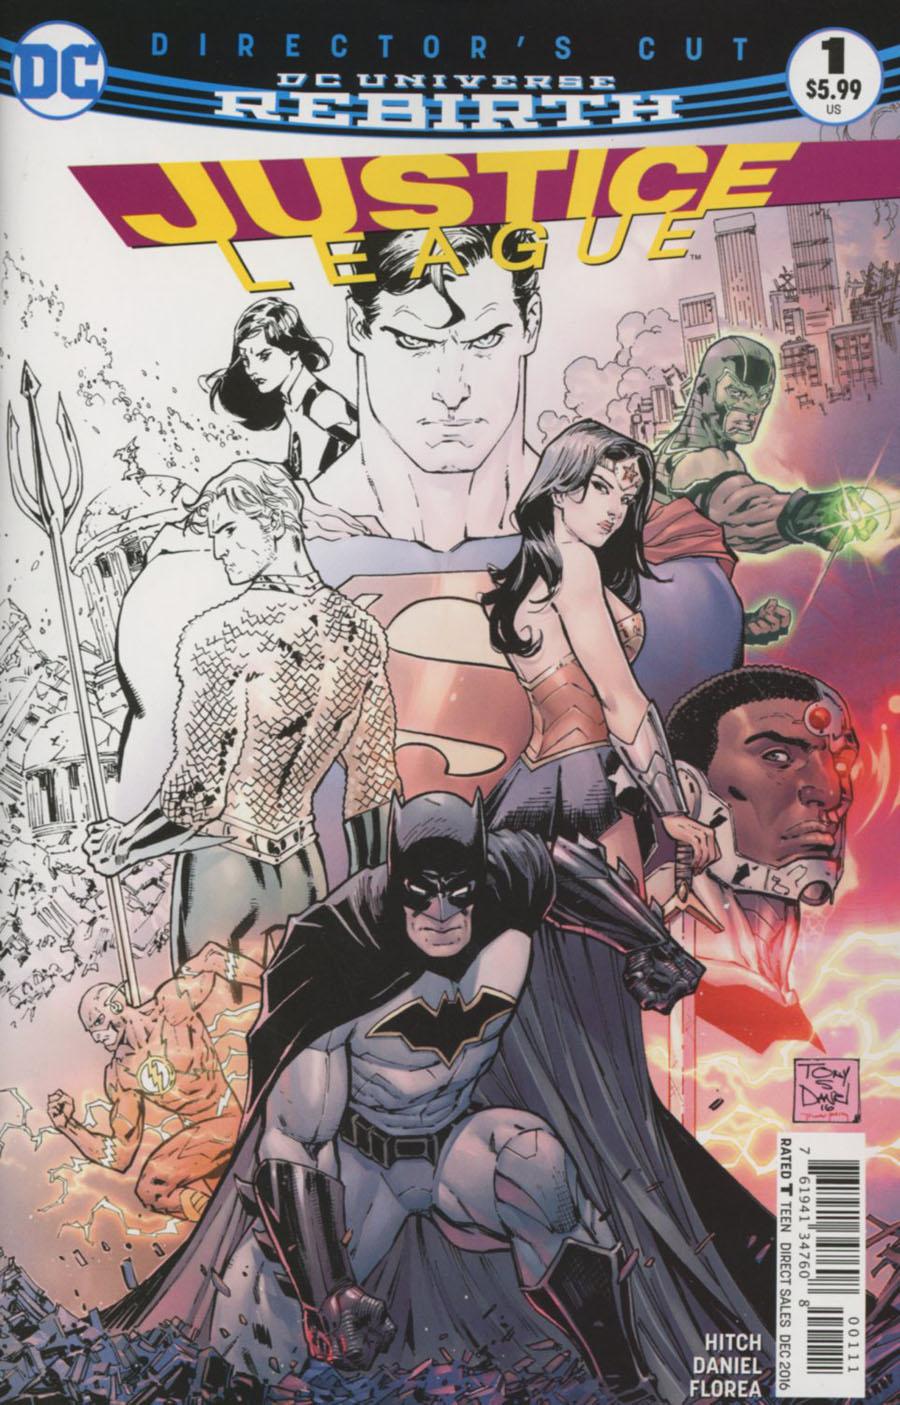 Justice League Vol 3 #1 Directors Cut